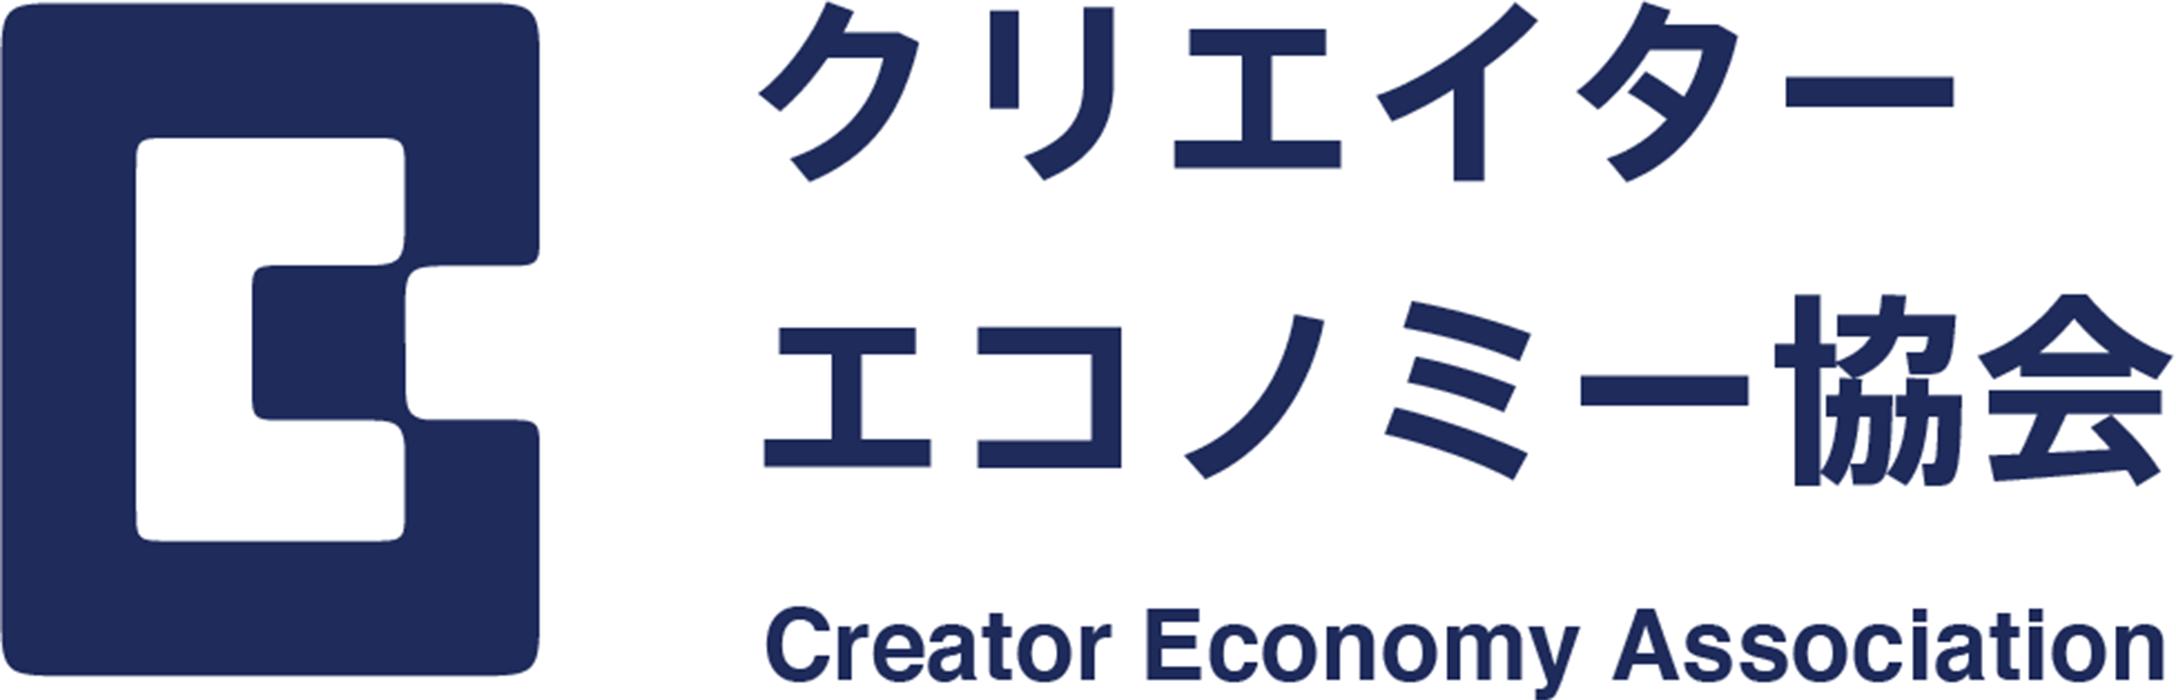 20210805_creatoreconomy.png